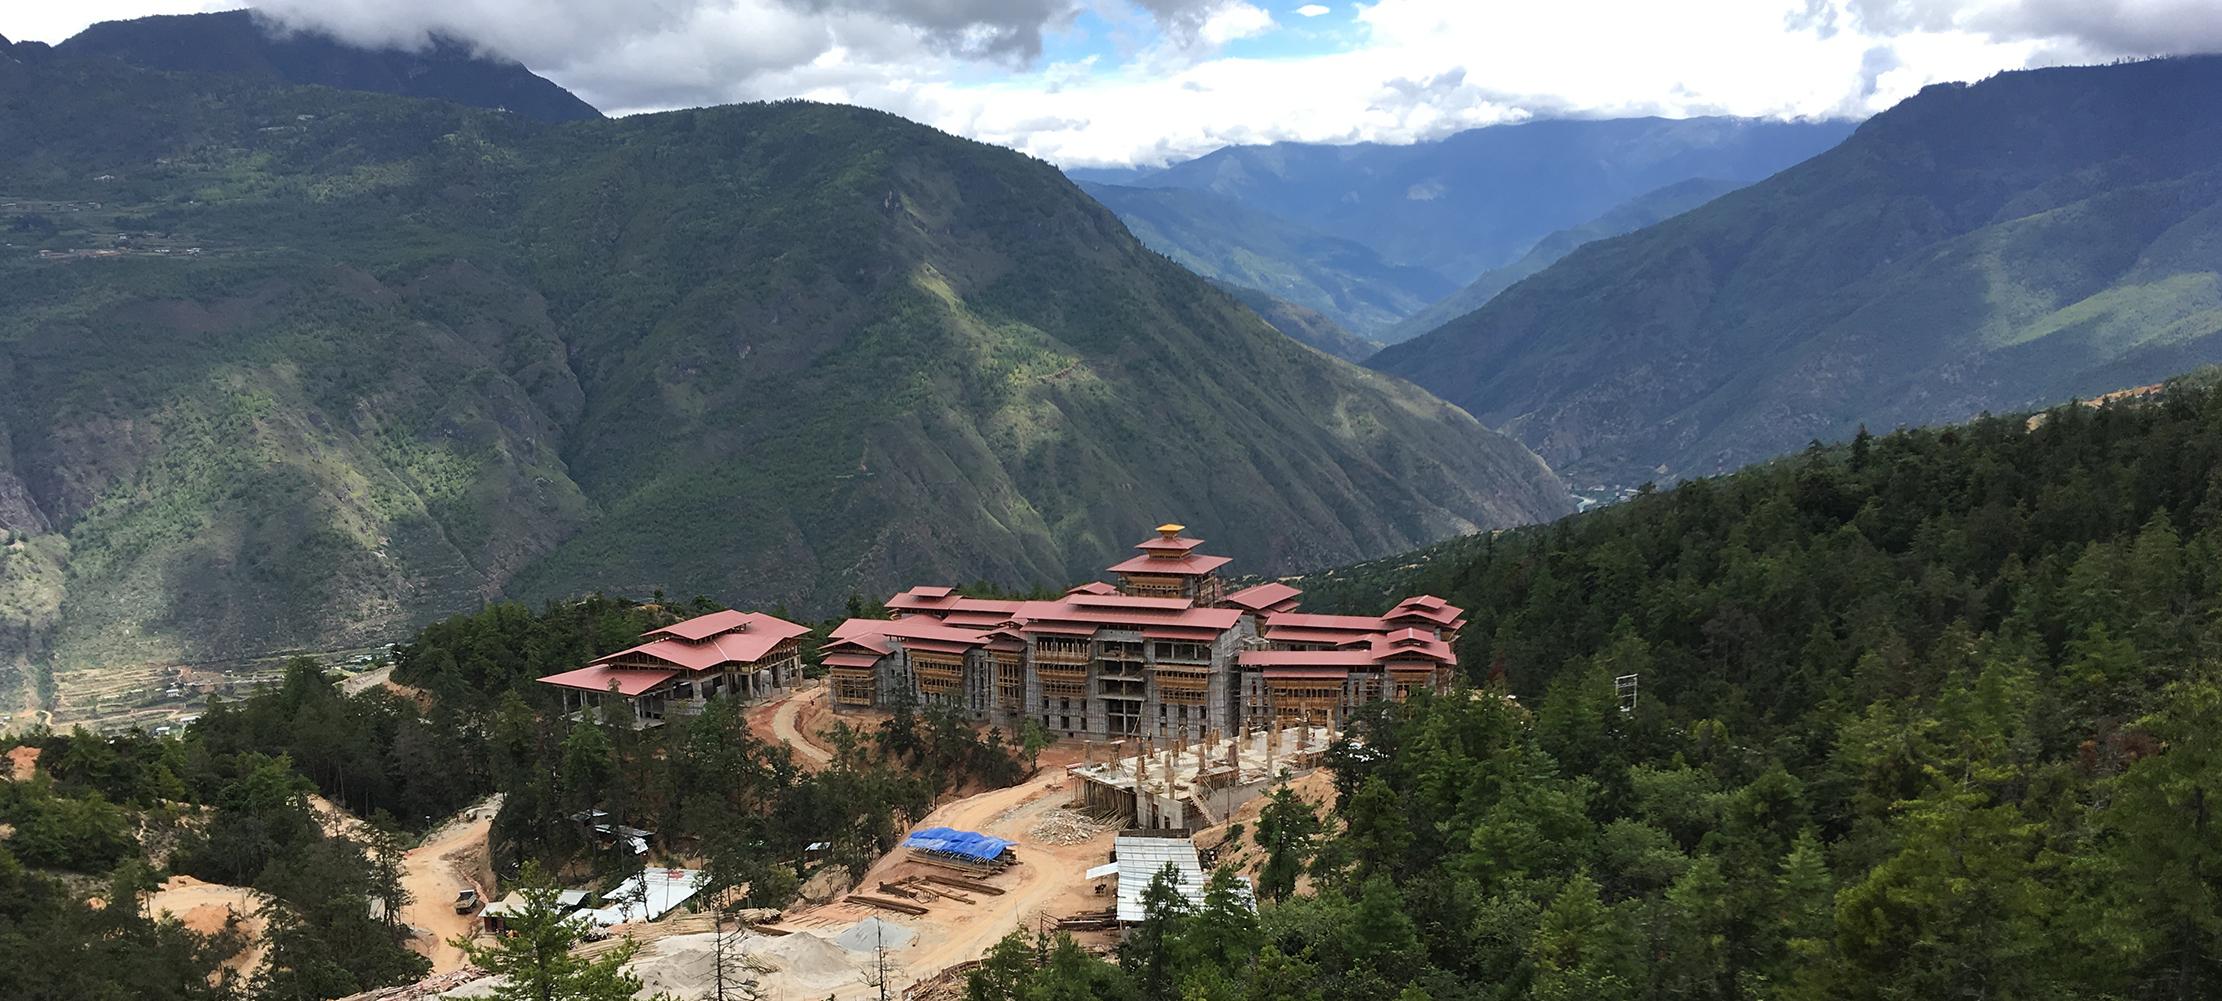 Visiting Bhutan | Yuki Bowman